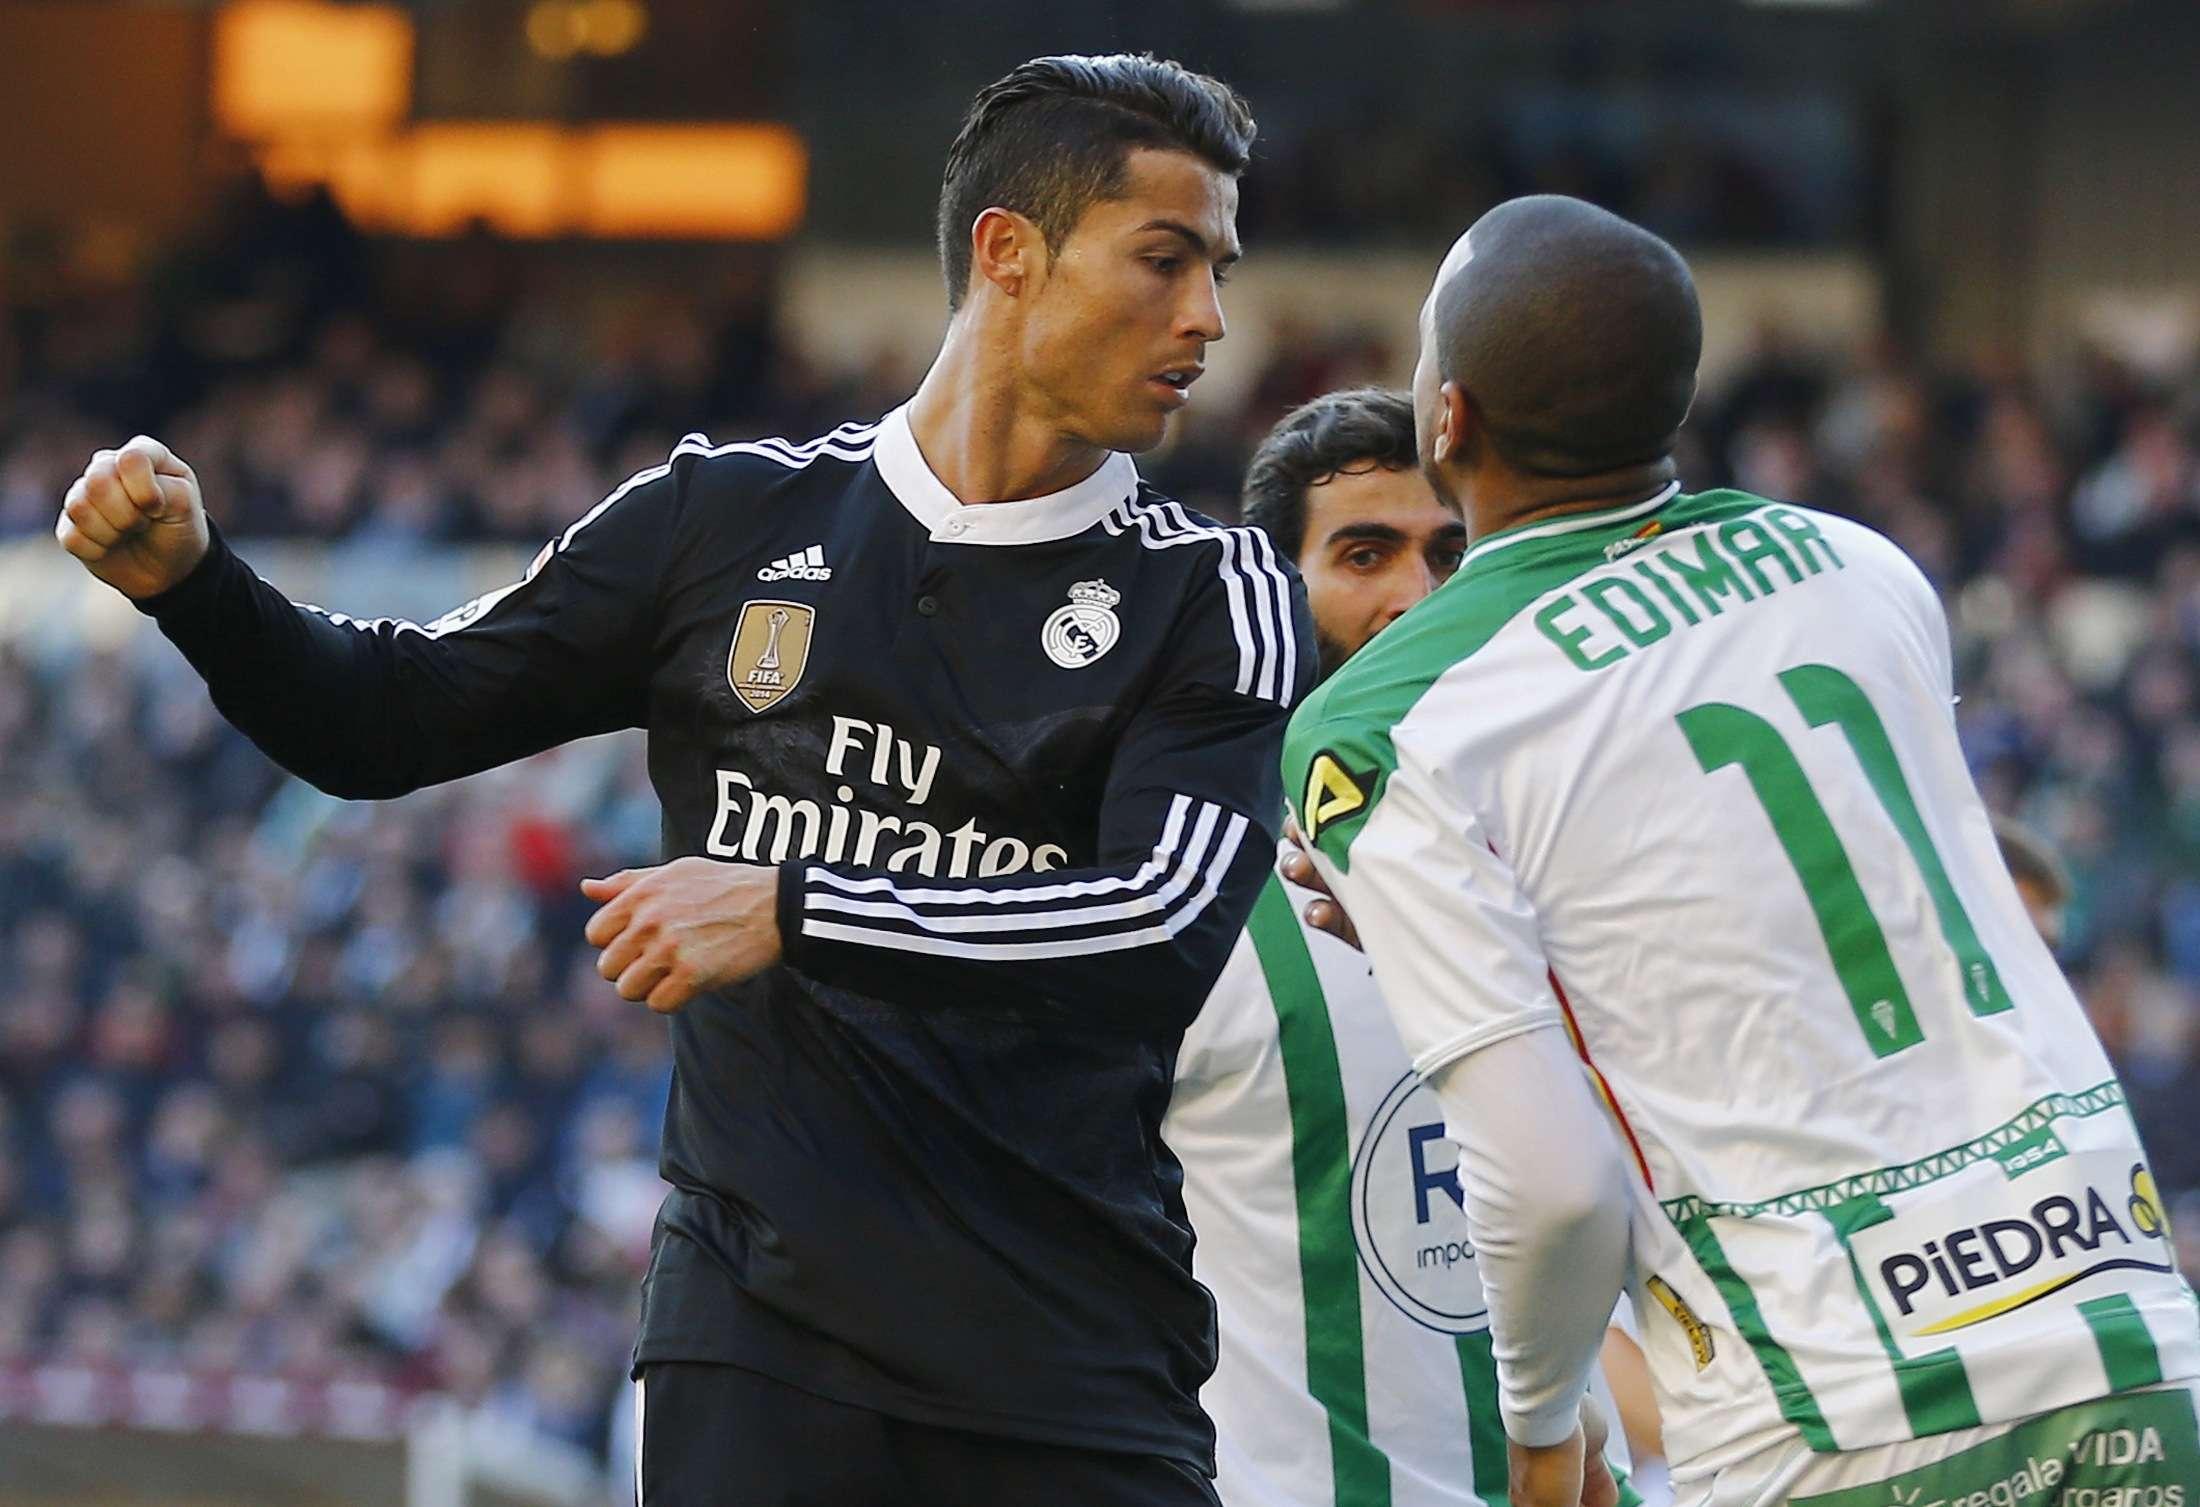 Cristiano goleó a Edemir y luego se burló del público rival. Foto: Reuters en español